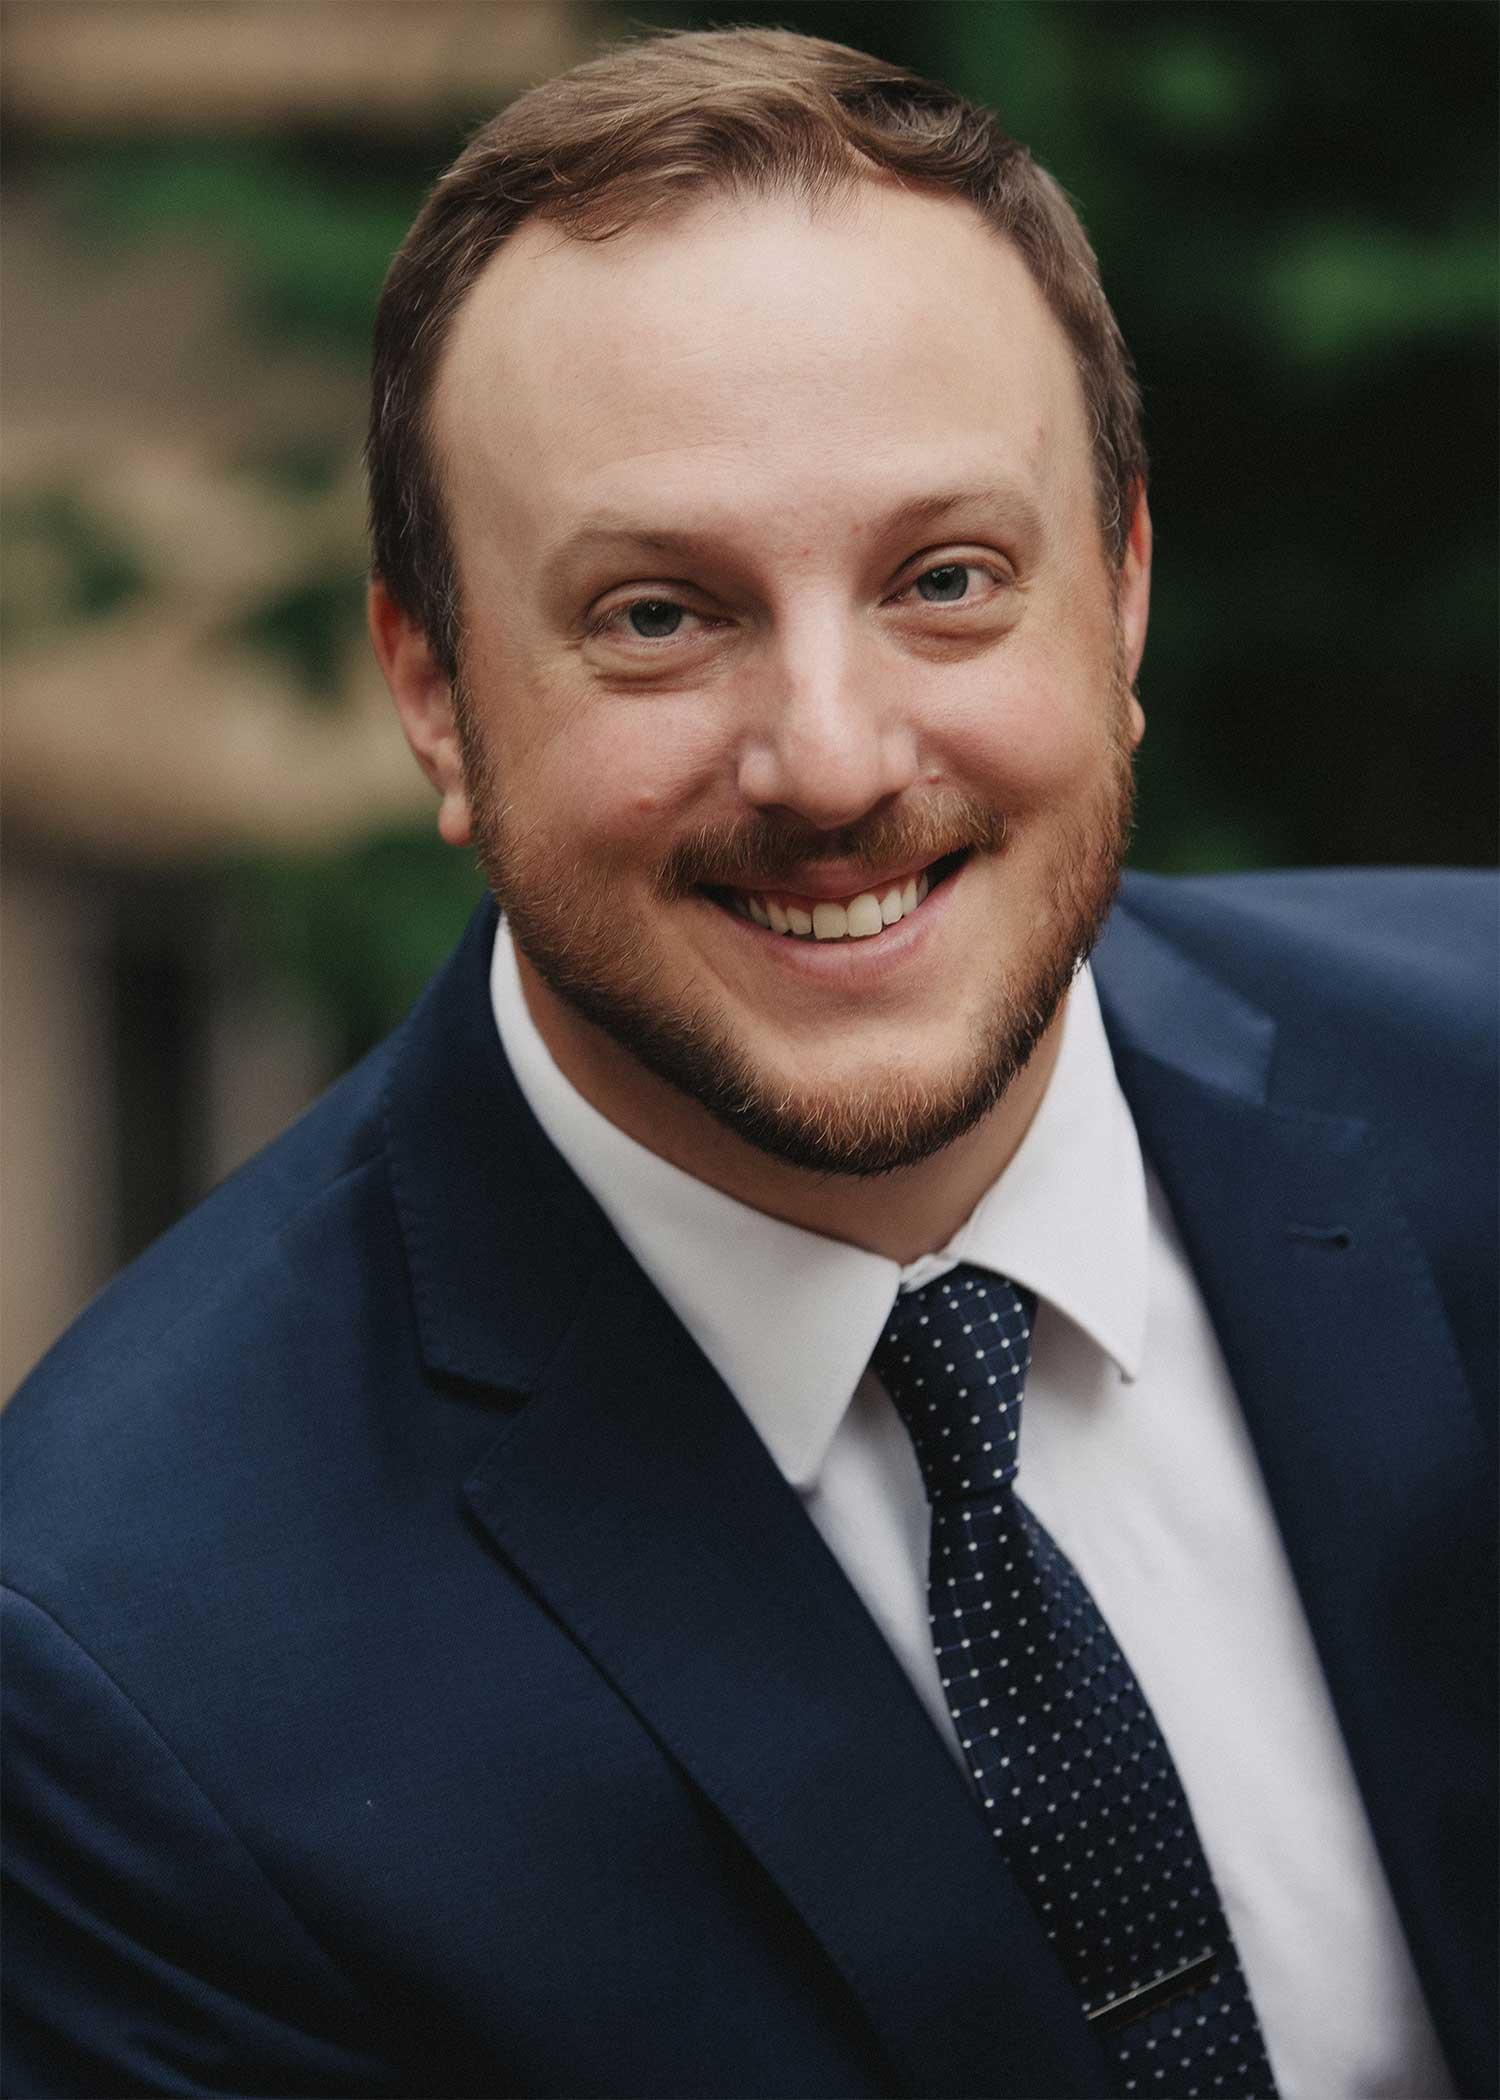 Blaine Hechimovich